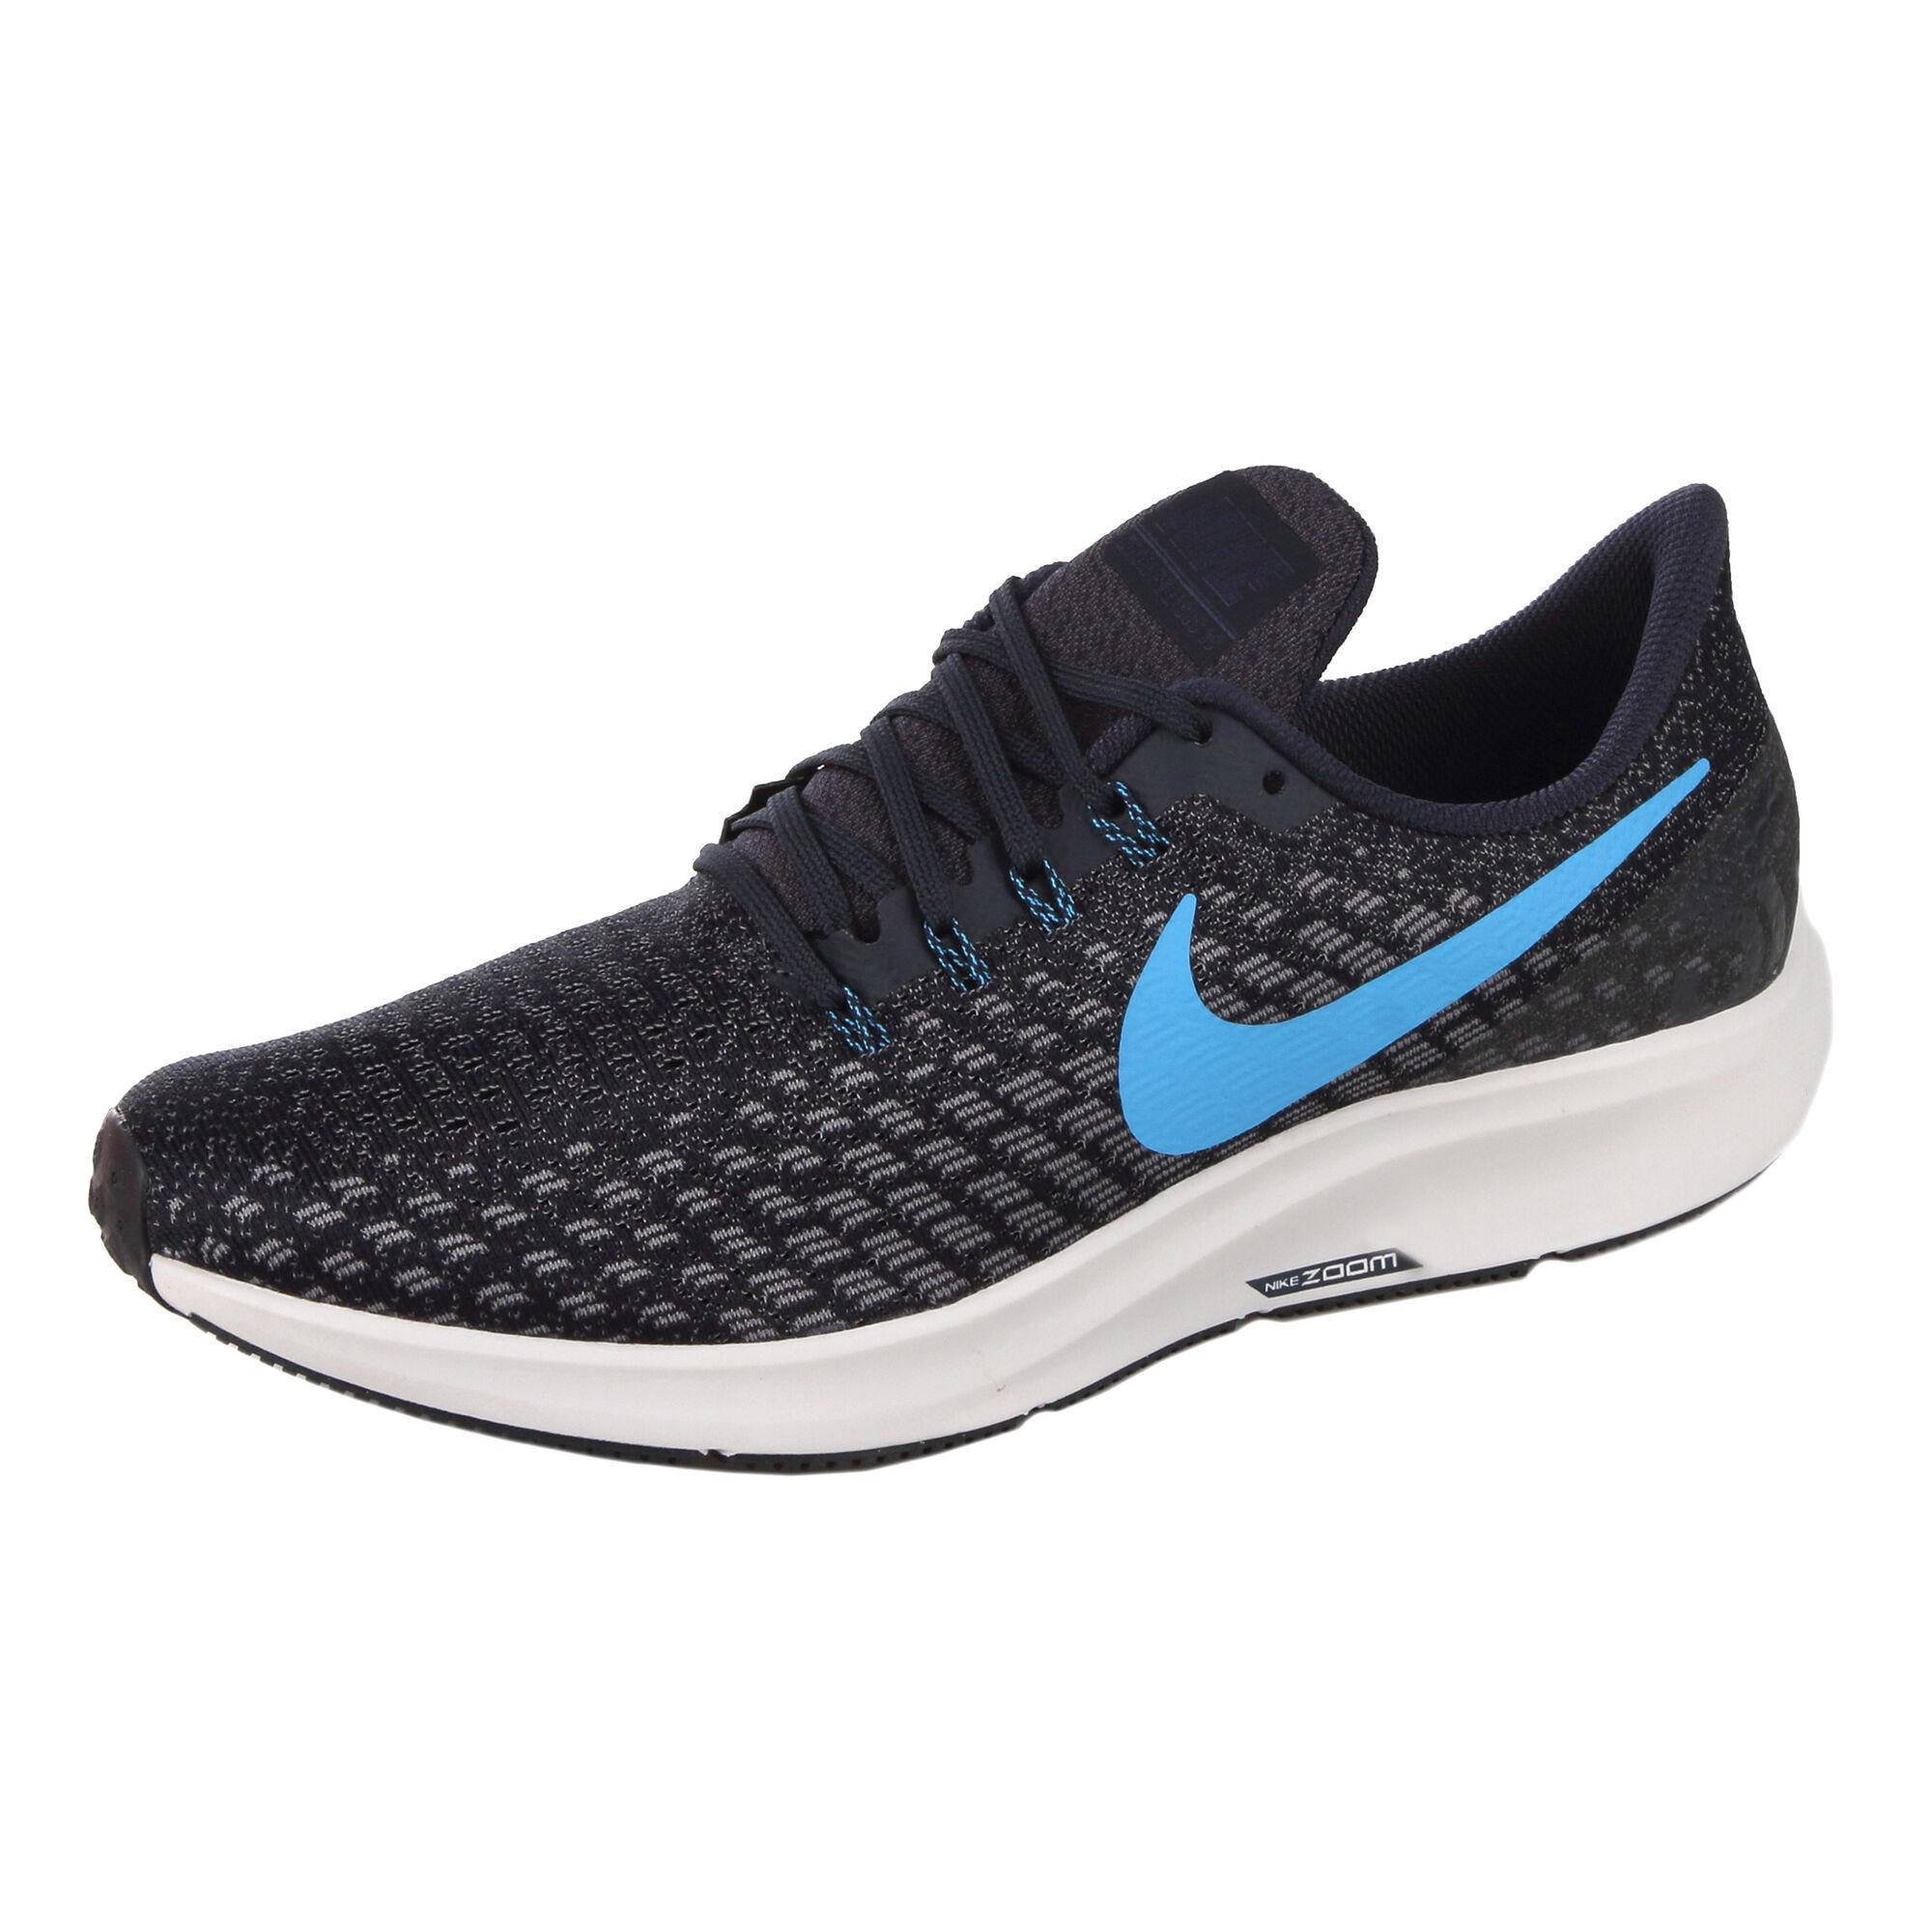 4878c35c56c5 Nike  Nike  Nike  Nike  Nike  Nike  Nike  Nike. Air Zoom Pegasus 35 Men ...